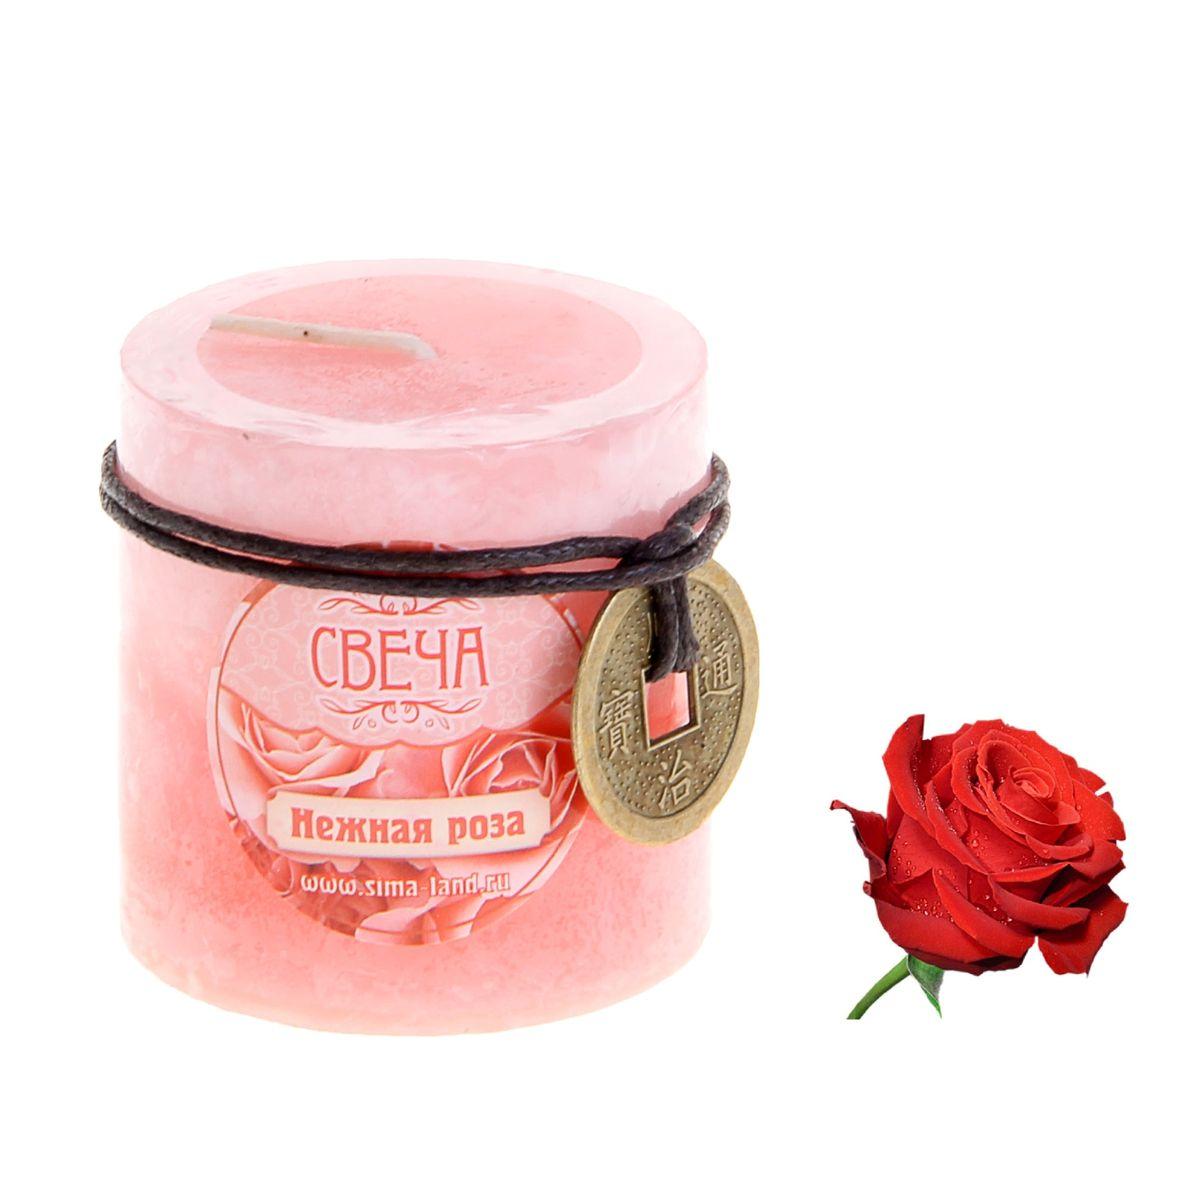 Свеча ароматизированная Sima-land Нежная роза, с монетой, цвет: светло-розовый, розовый, высота 5,5 см907647Свеча Sima-land Нежная роза выполнена из воска в виде столбика. Изделие порадует вас ярким дизайном и приятным ароматом розы, который понравится как женщинам, так и мужчинам. В комплекте - монета на шнурке, декорированная рельефными изображениями иероглифов. Создайте для себя и своих близких незабываемую атмосферу праздника в доме. Ароматическая свеча Sima-land Нежная роза может стать не только отличным подарком, но и гарантией хорошего настроения, ведь это красивая вещь из качественного, безопасного для здоровья материала.